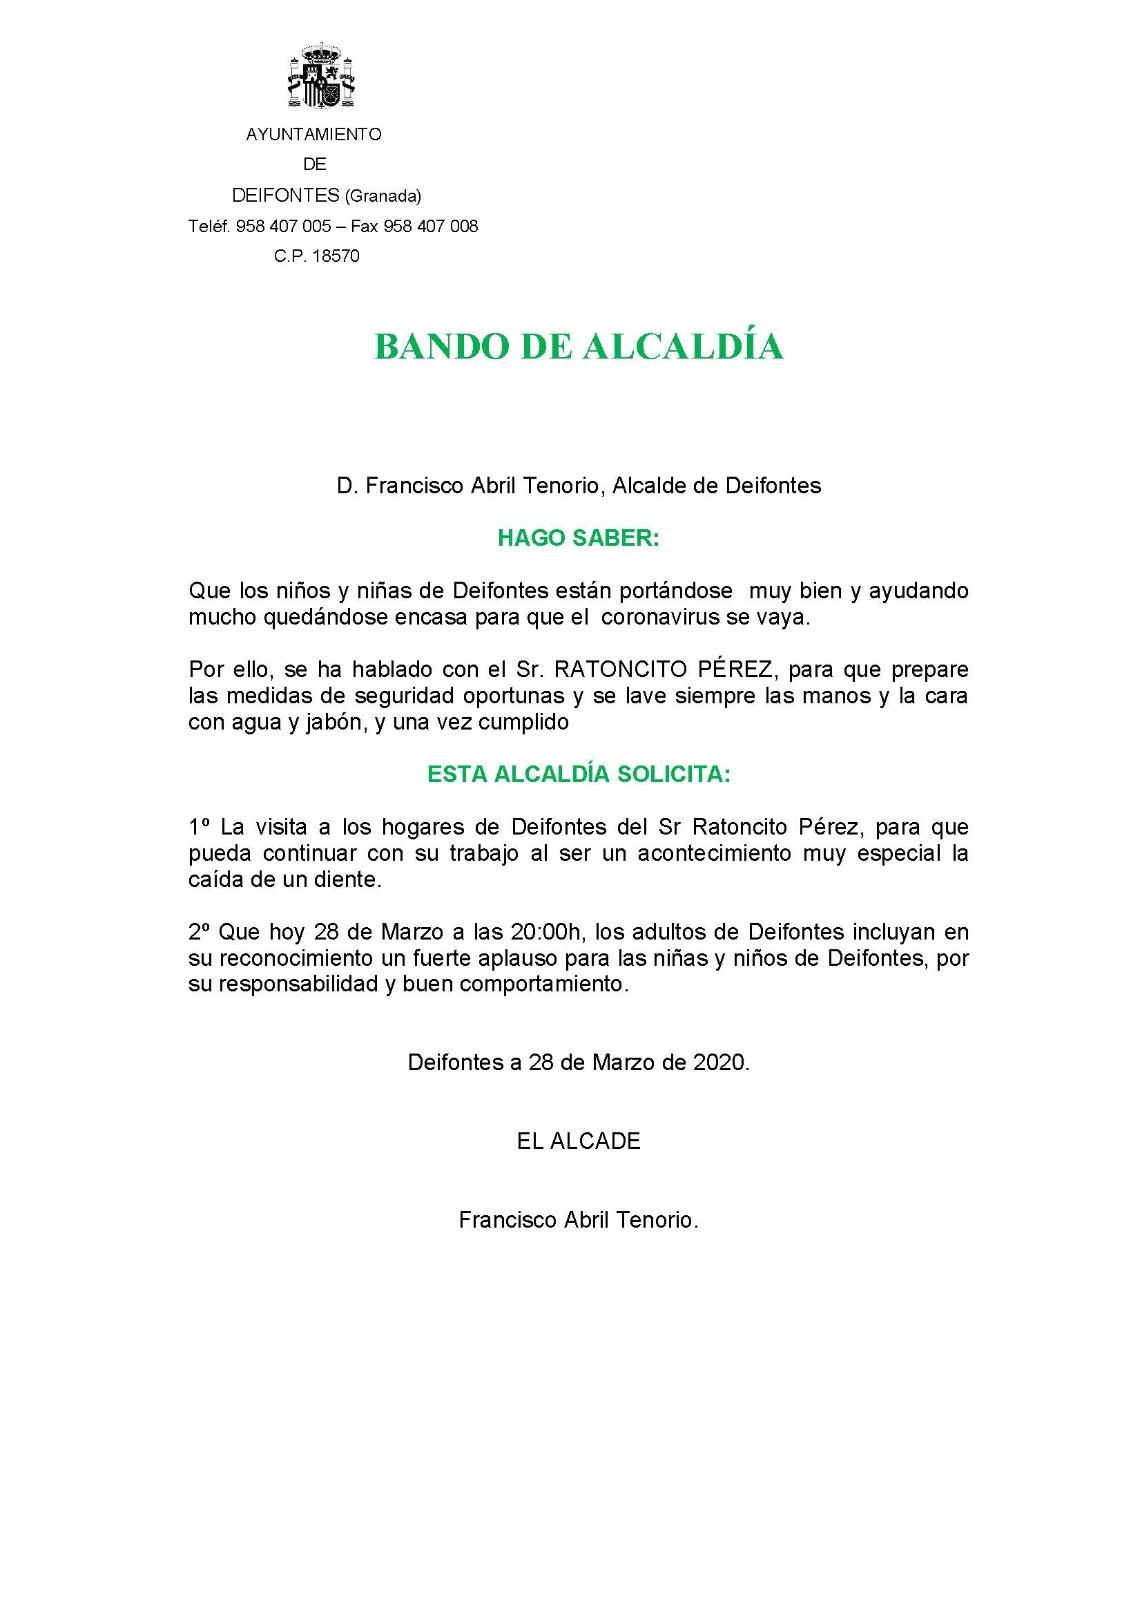 Deifontes «autoriza» el trabajo del Ratoncito Pérez durante el confinamiento